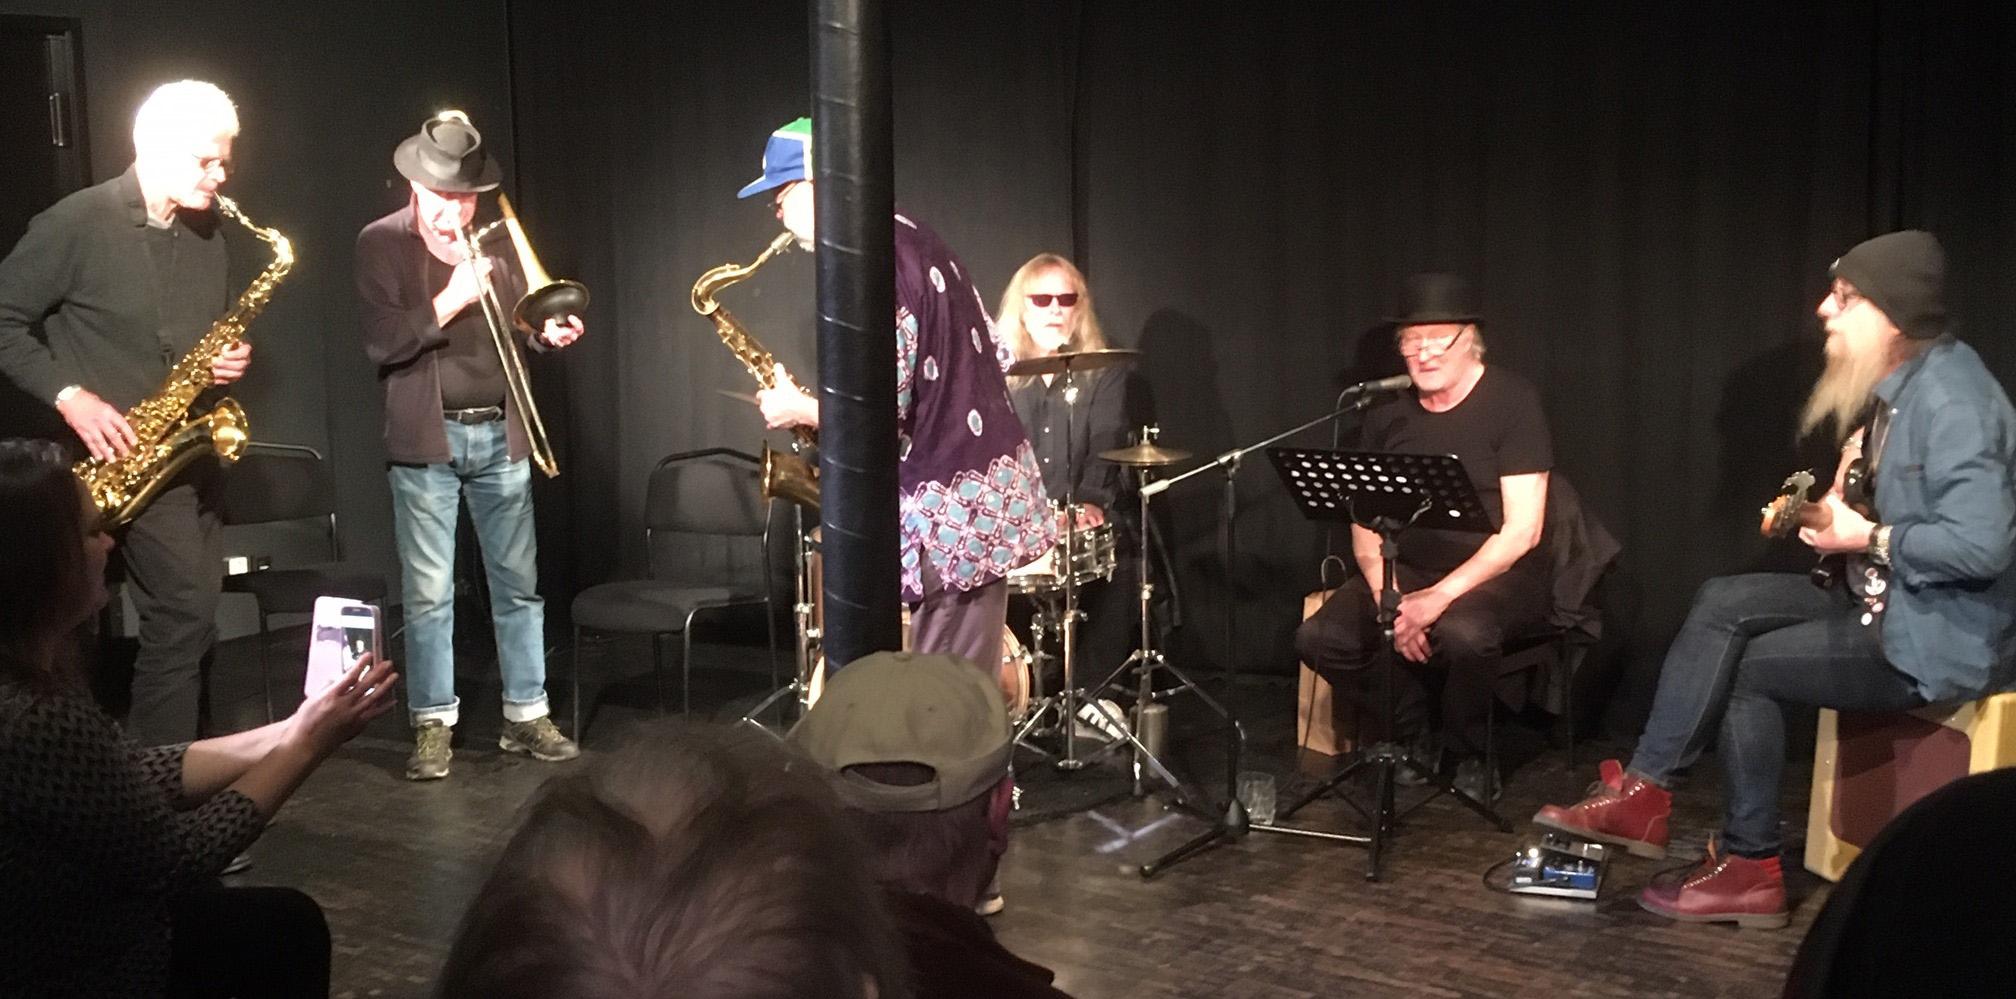 Musiker uppträder på en scen.